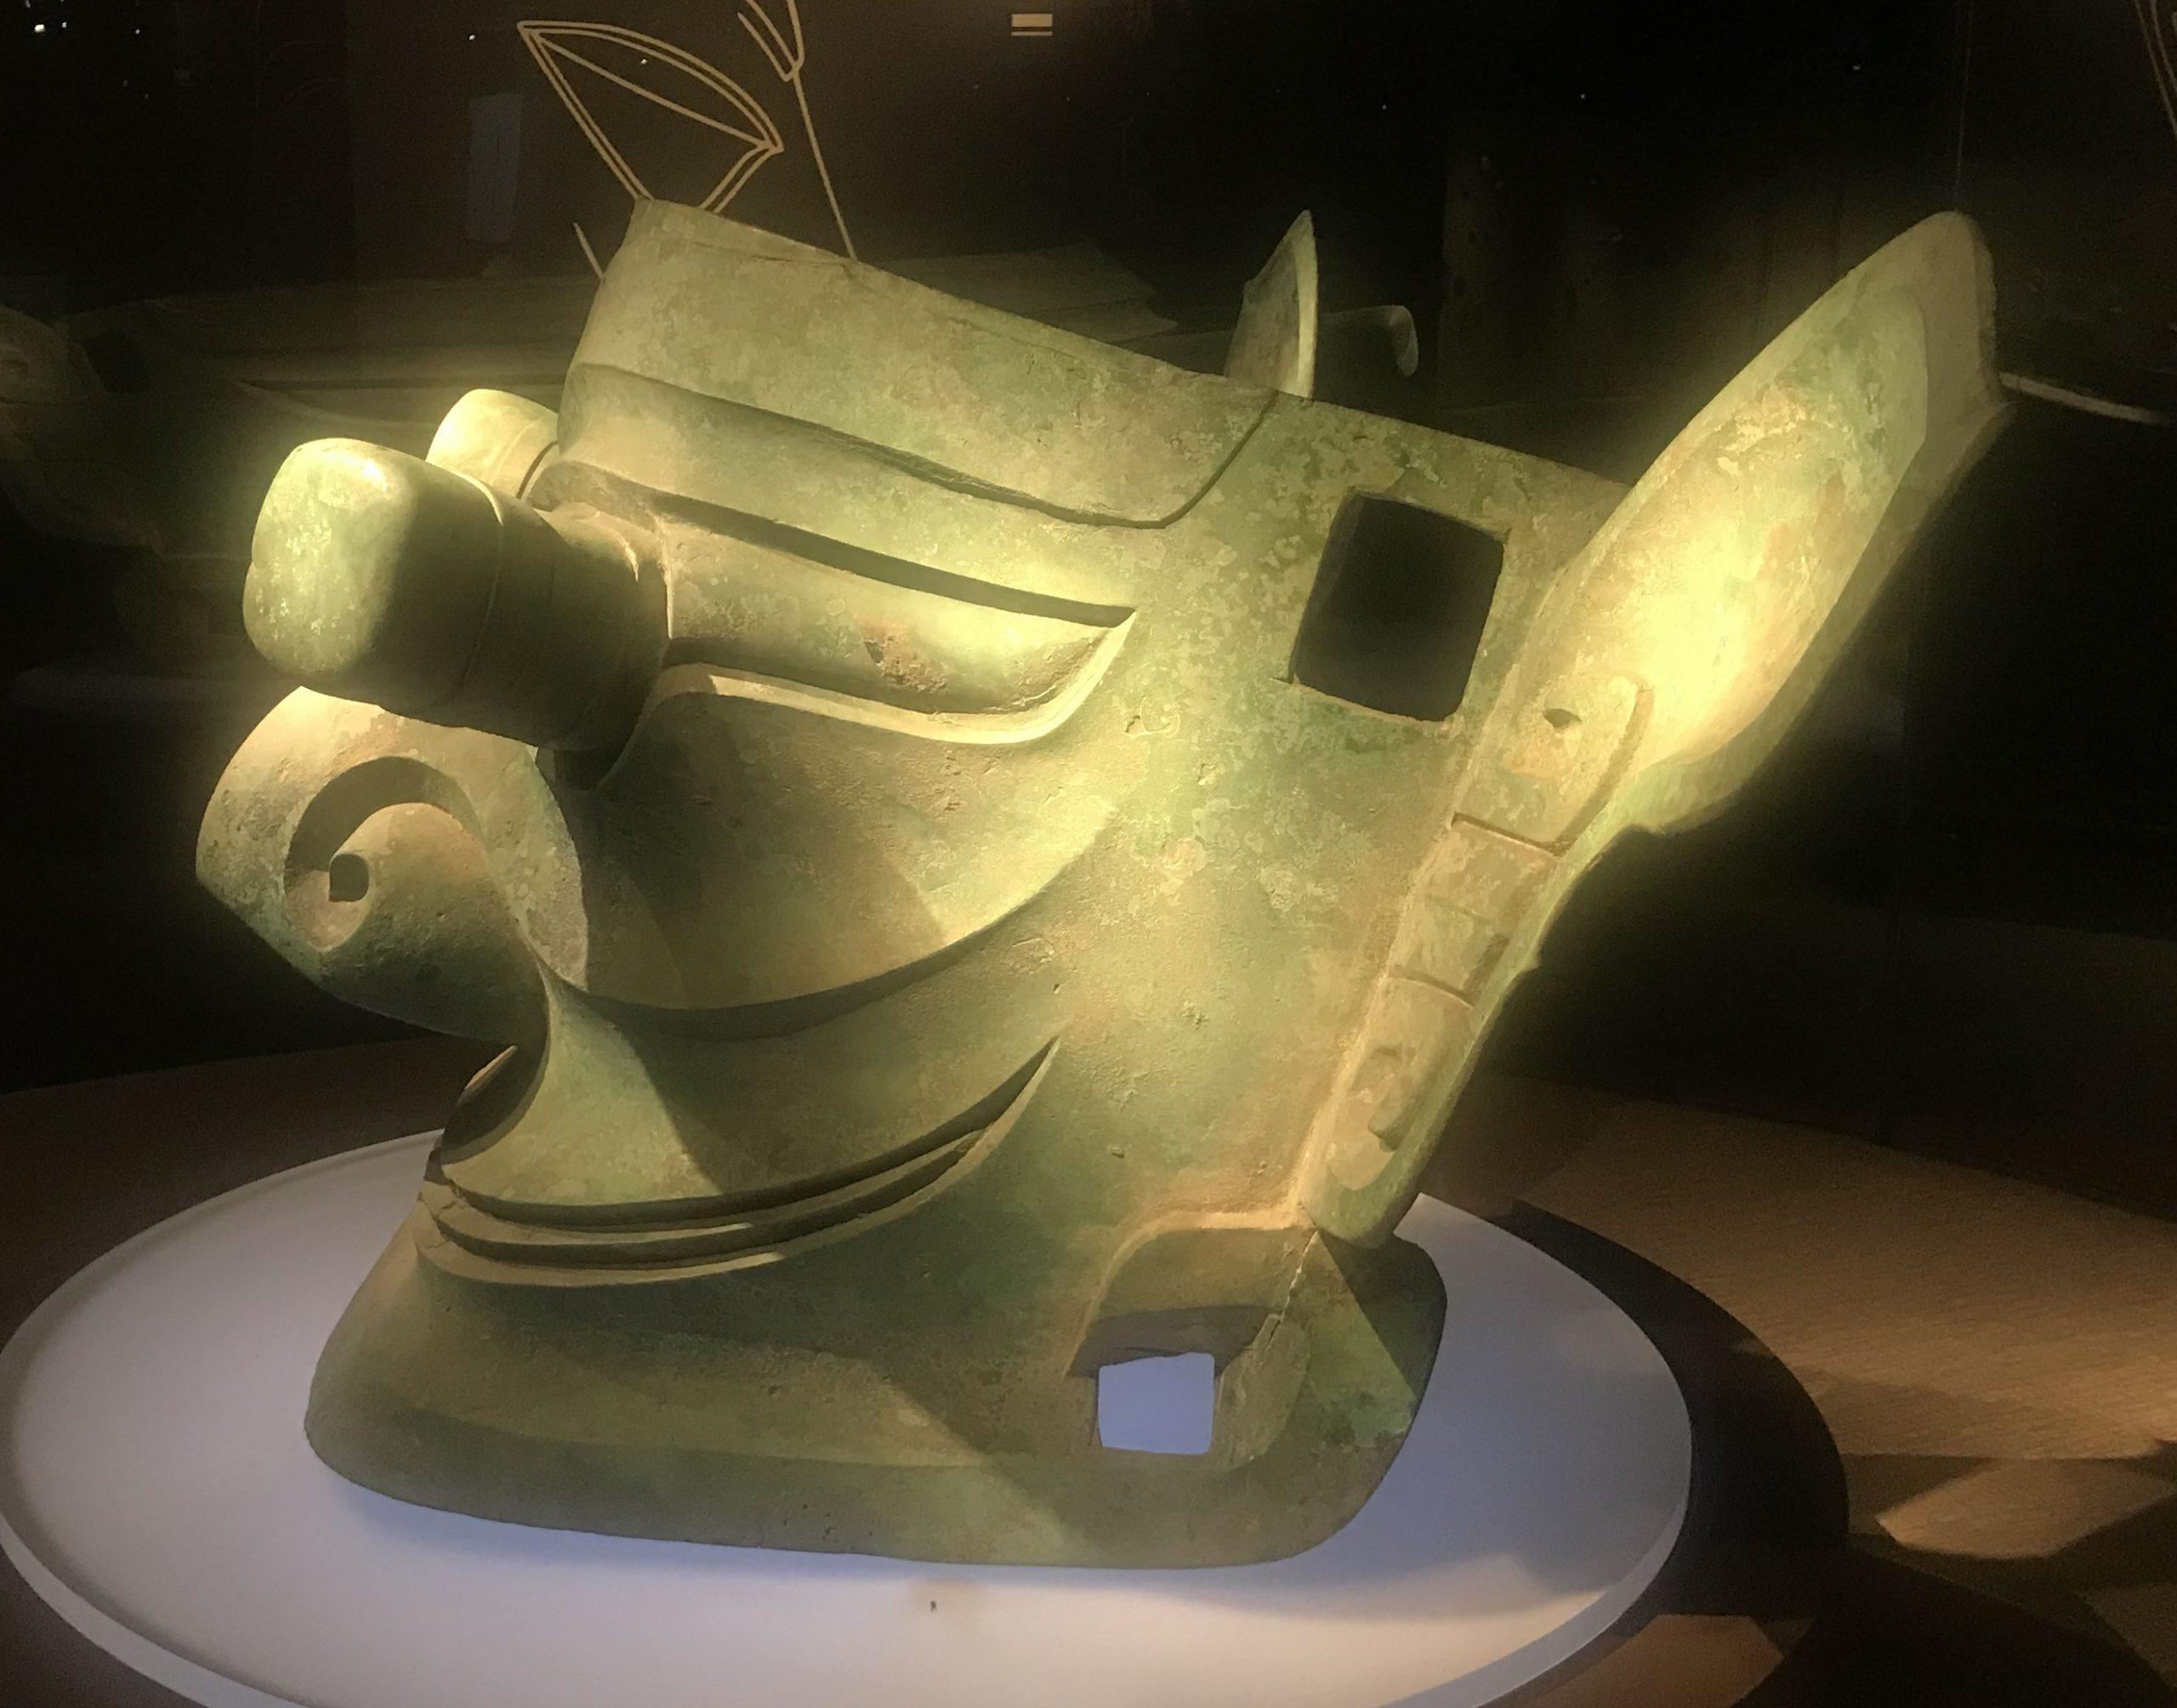 青銅縱目面具-青銅器館-三星堆博物館-広漢市-徳陽市-四川省